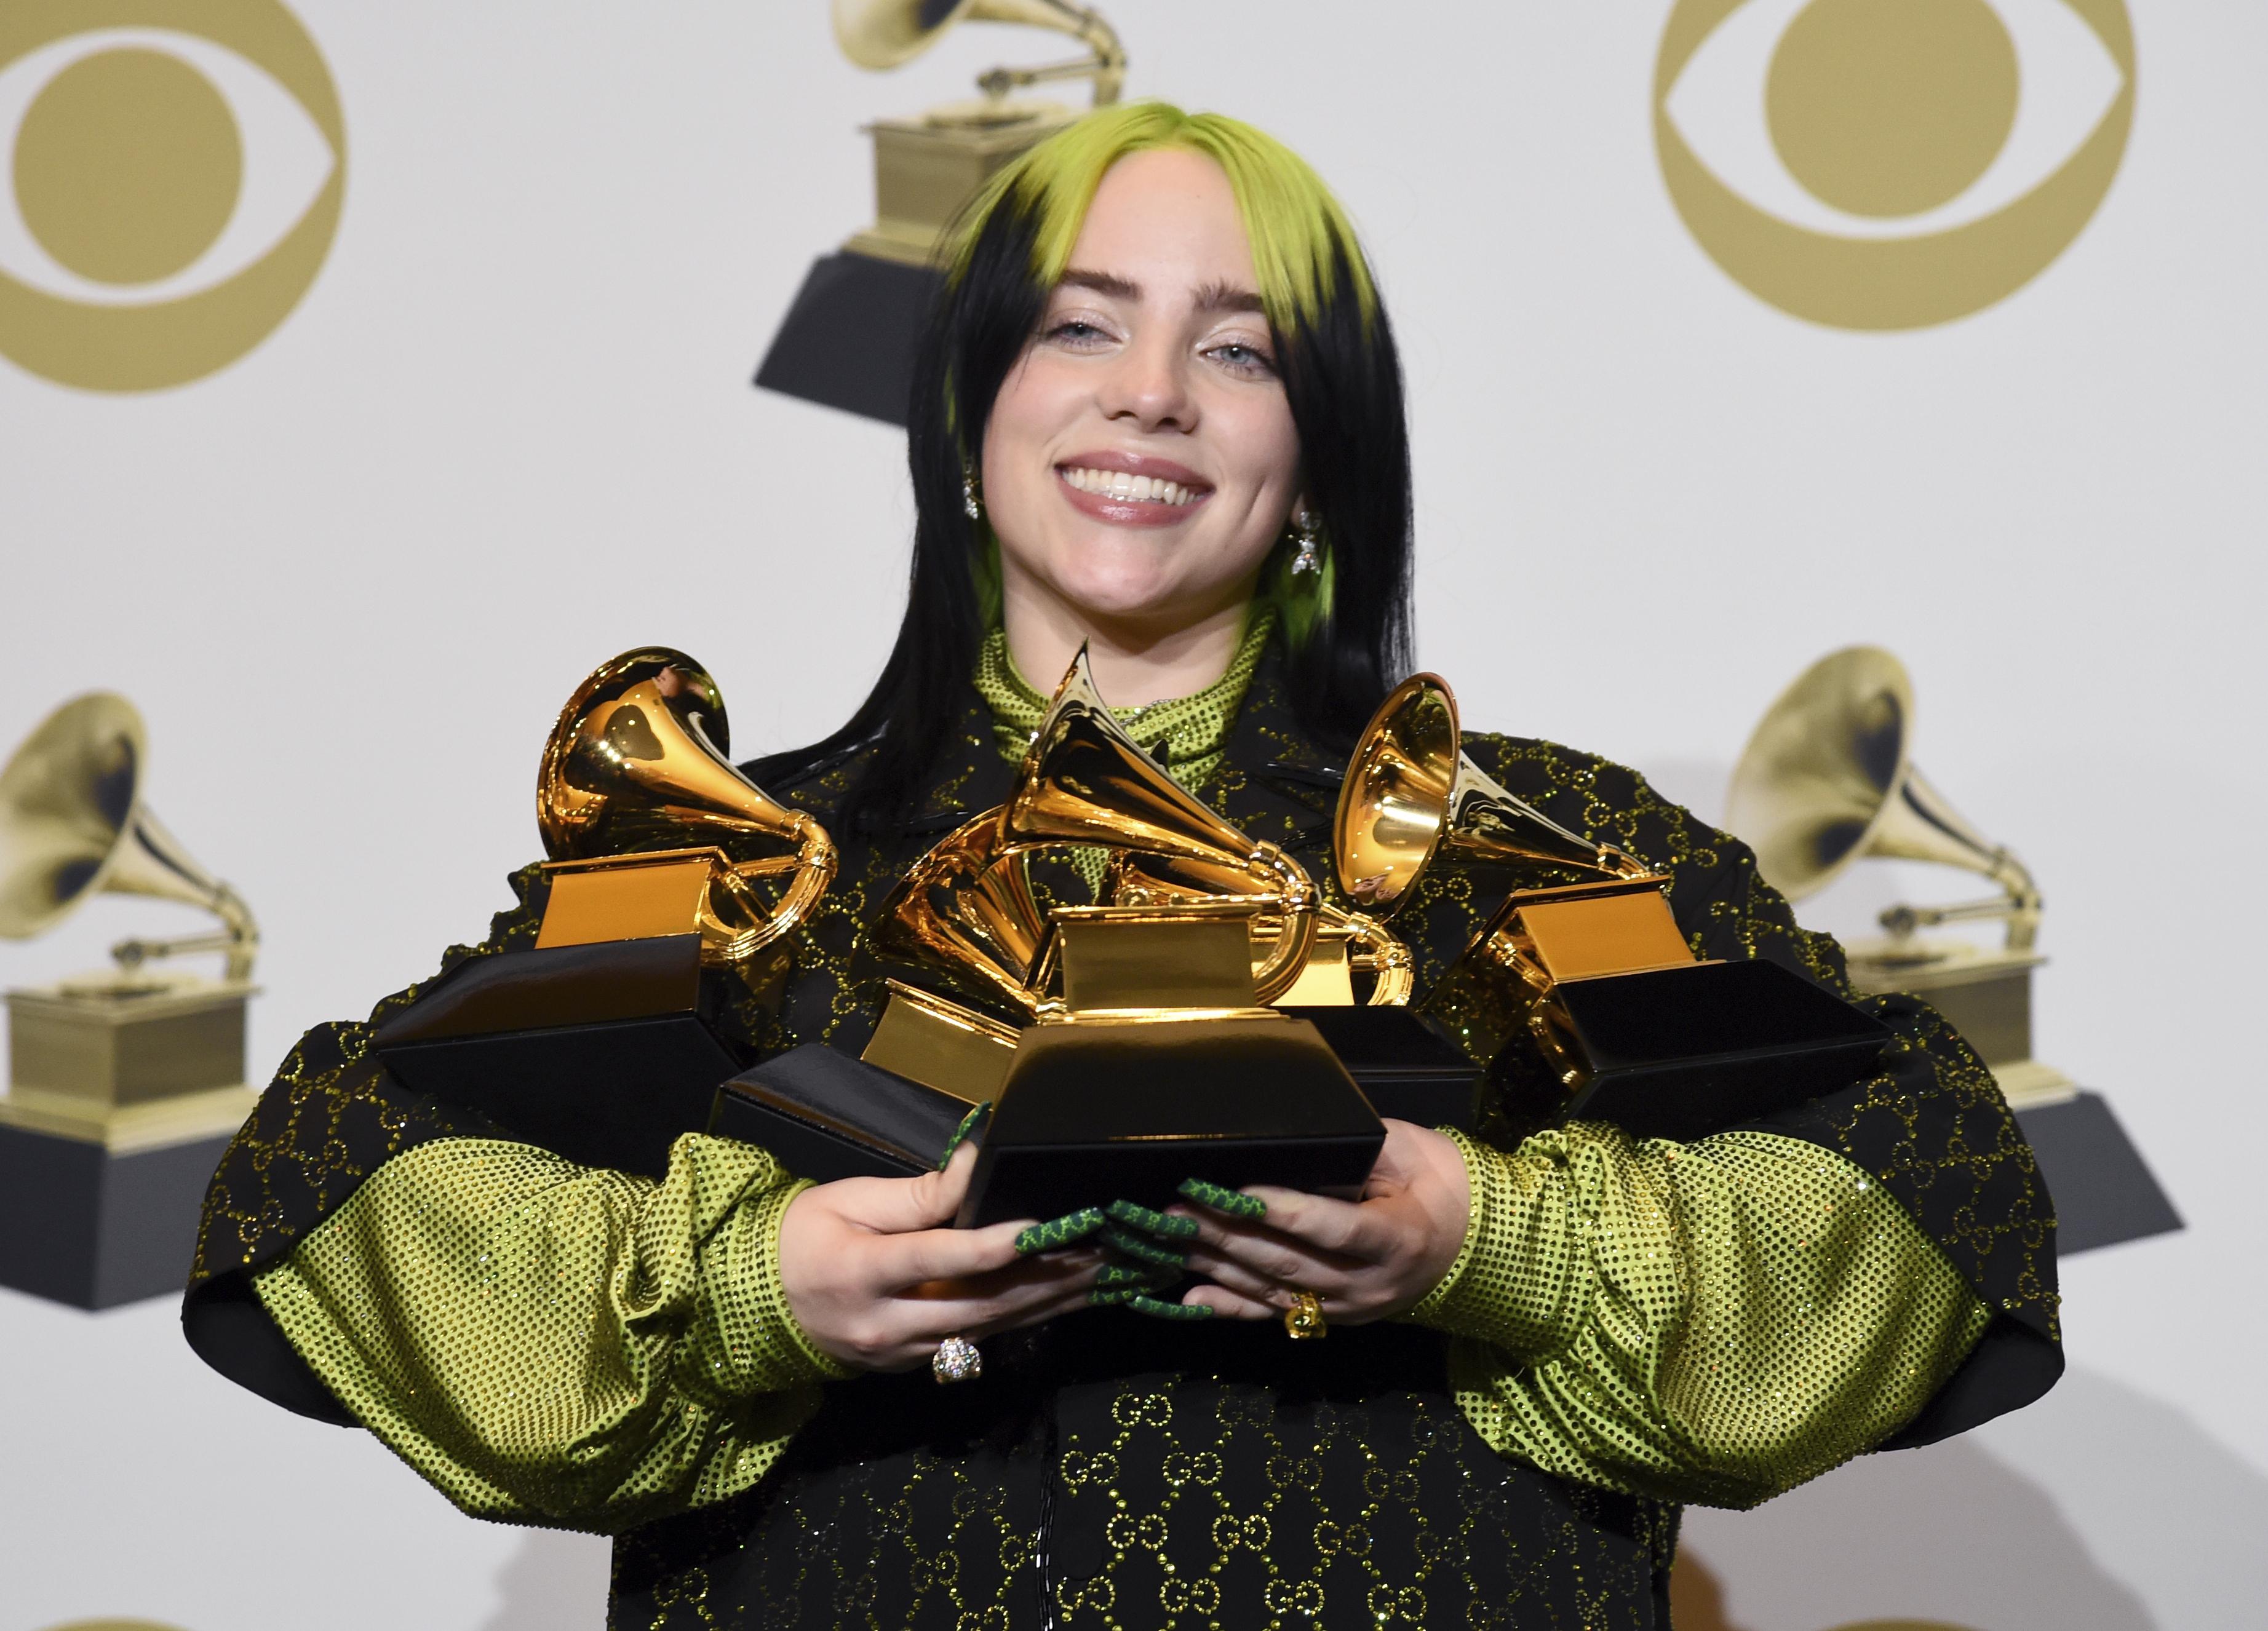 2021 Grammy Awards Postponed: New Date, What to Know – WWD